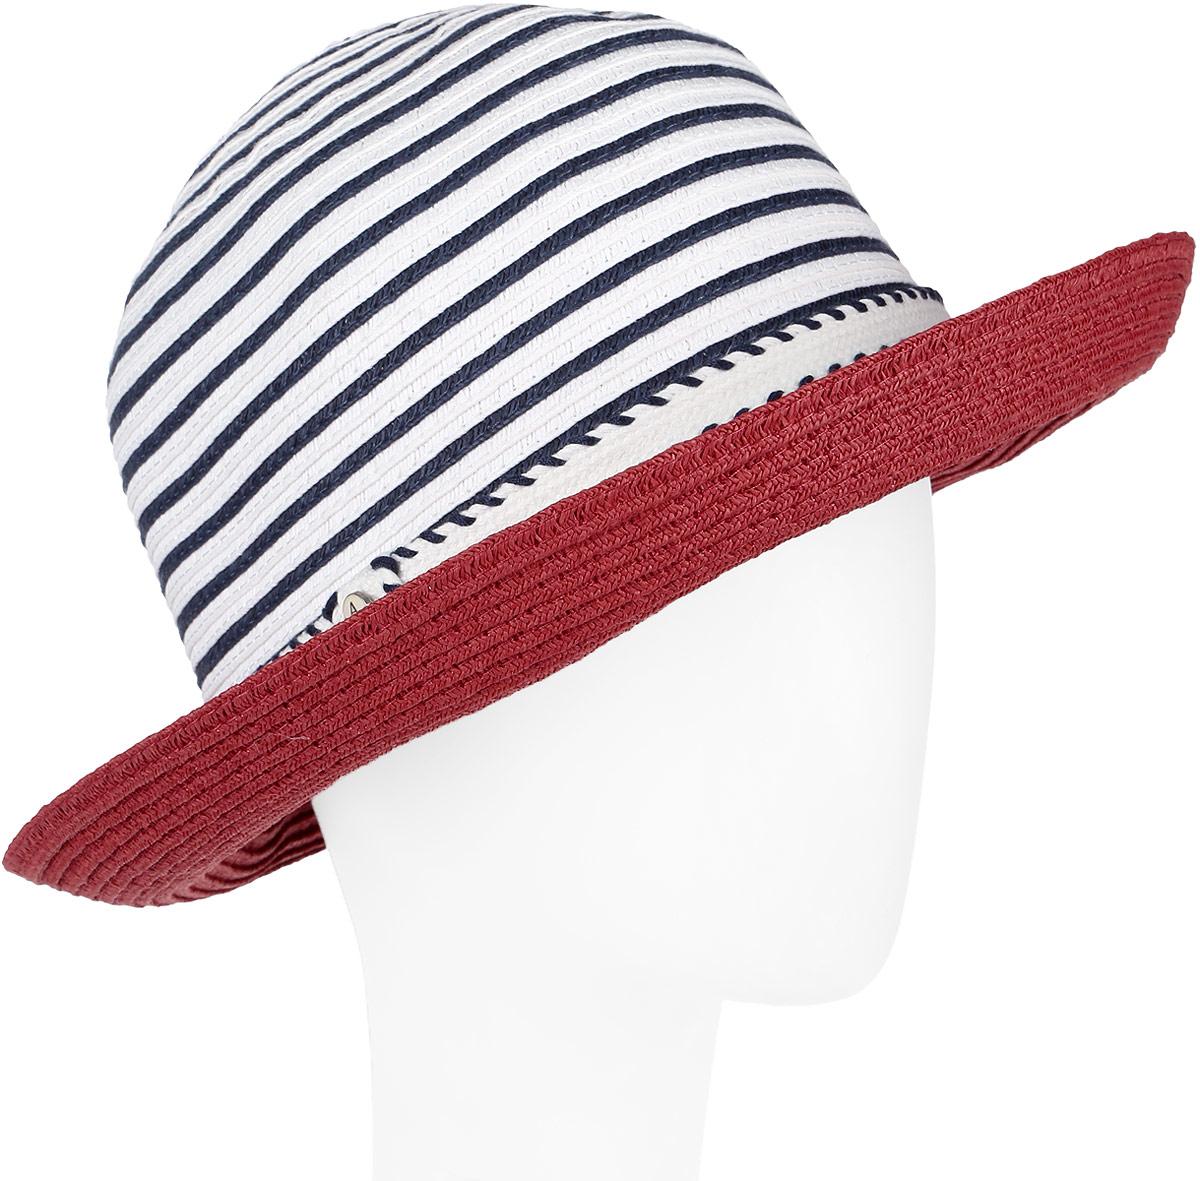 Шляпа женская Avanta, цвет: красный, белый, синий. 991950. Размер 55/56991950Элегантная женская шляпа Avanta выполнена из полиэстера с добавлением бумаги. Модель с невысокой тульей и загнутыми вверх полями. Тулья модели дополнена принтом в полоску.